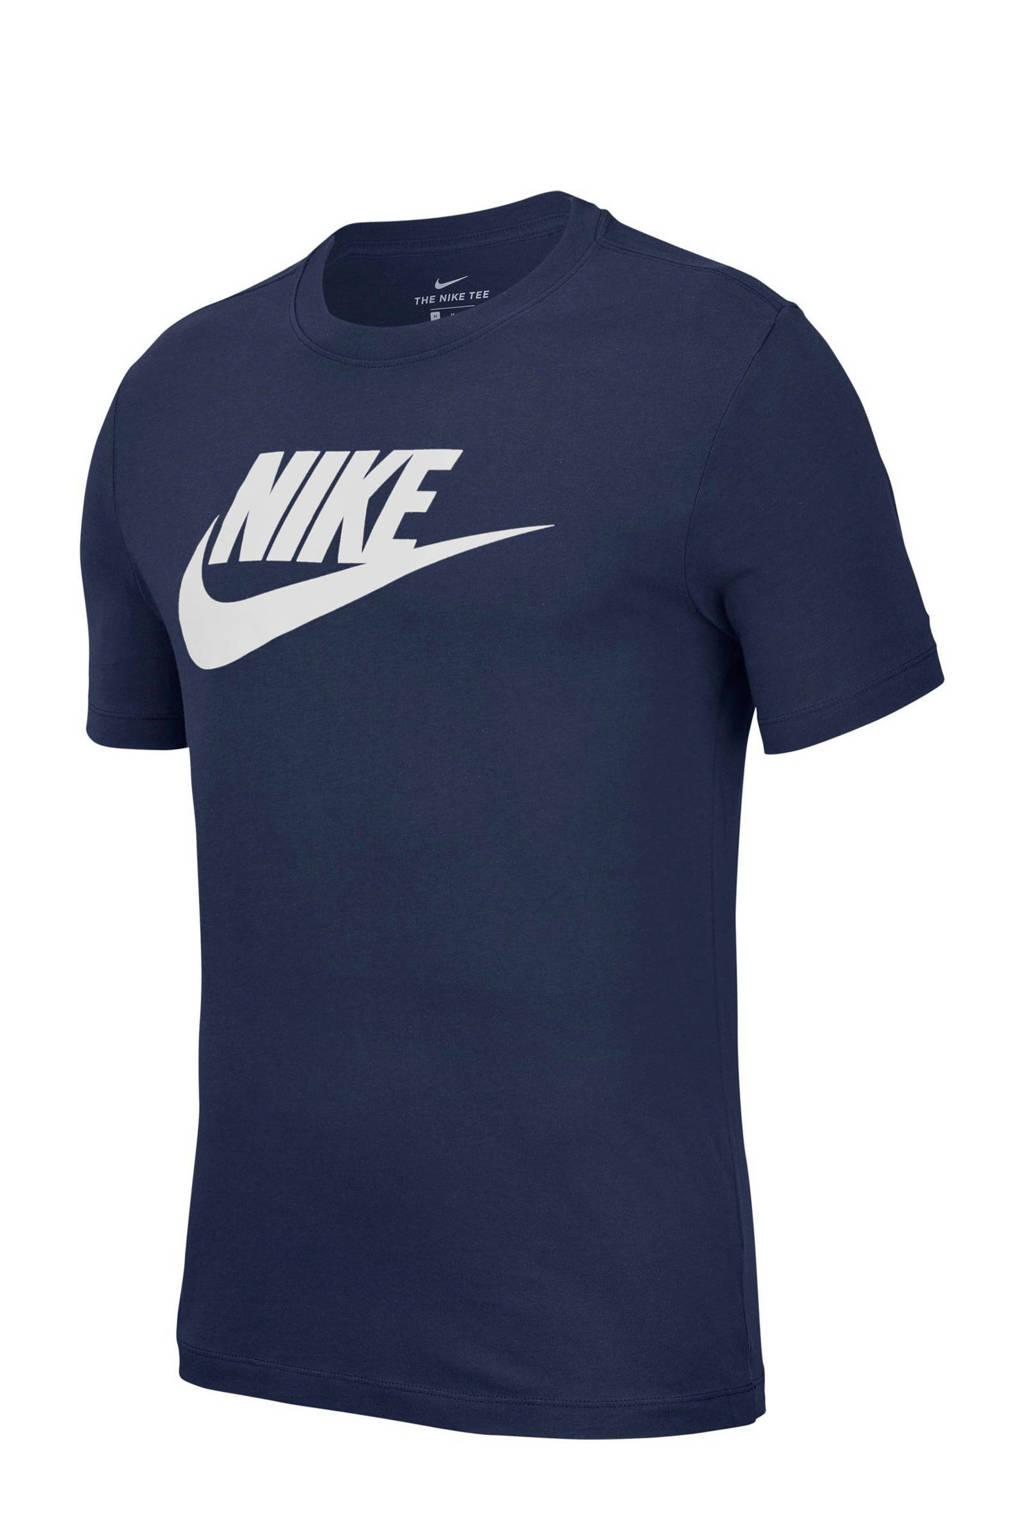 Nike T-shirt donkerblauw, Donkerblauw/wit